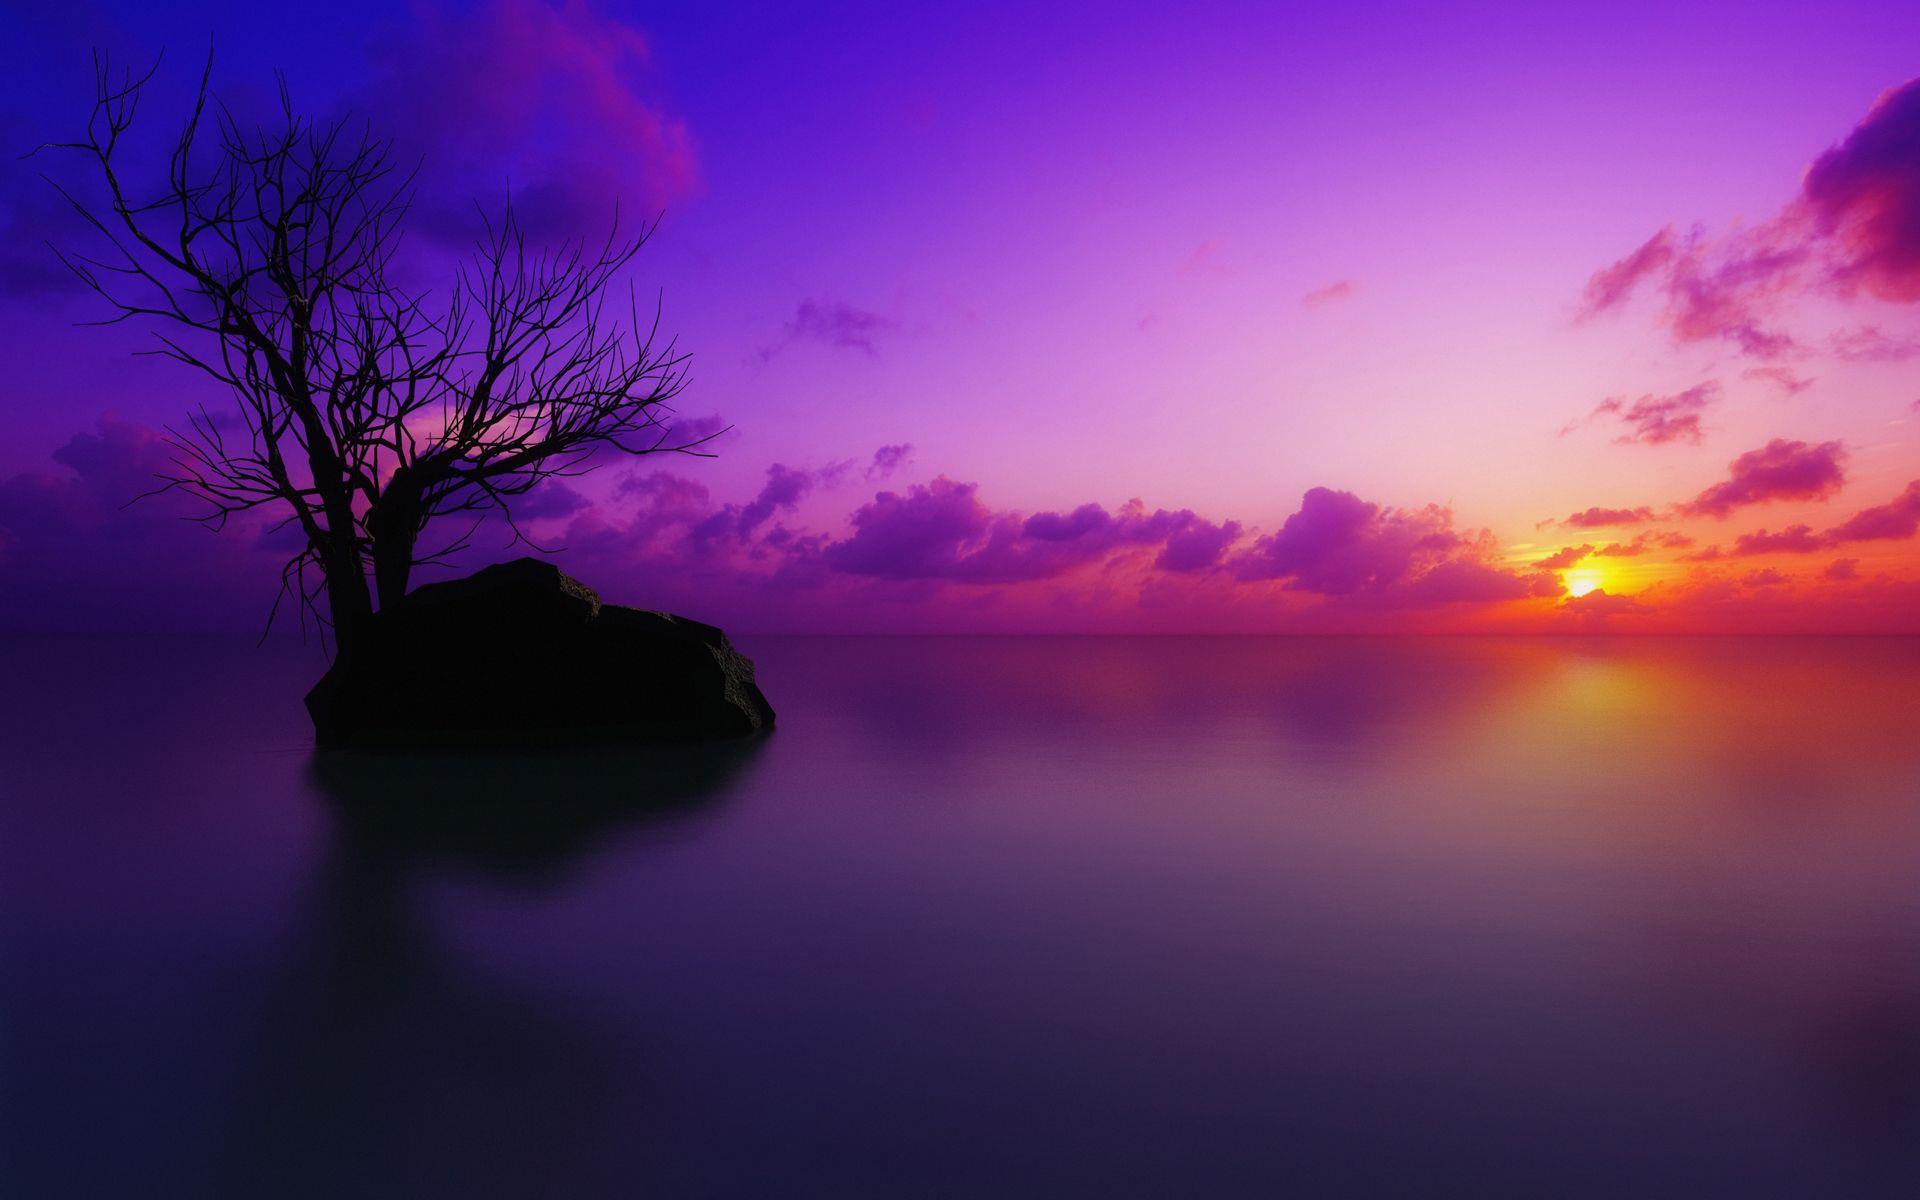 Stunning-Sunset-Widescreen-Wallpaper   Nature   Pinterest   Sunset ...